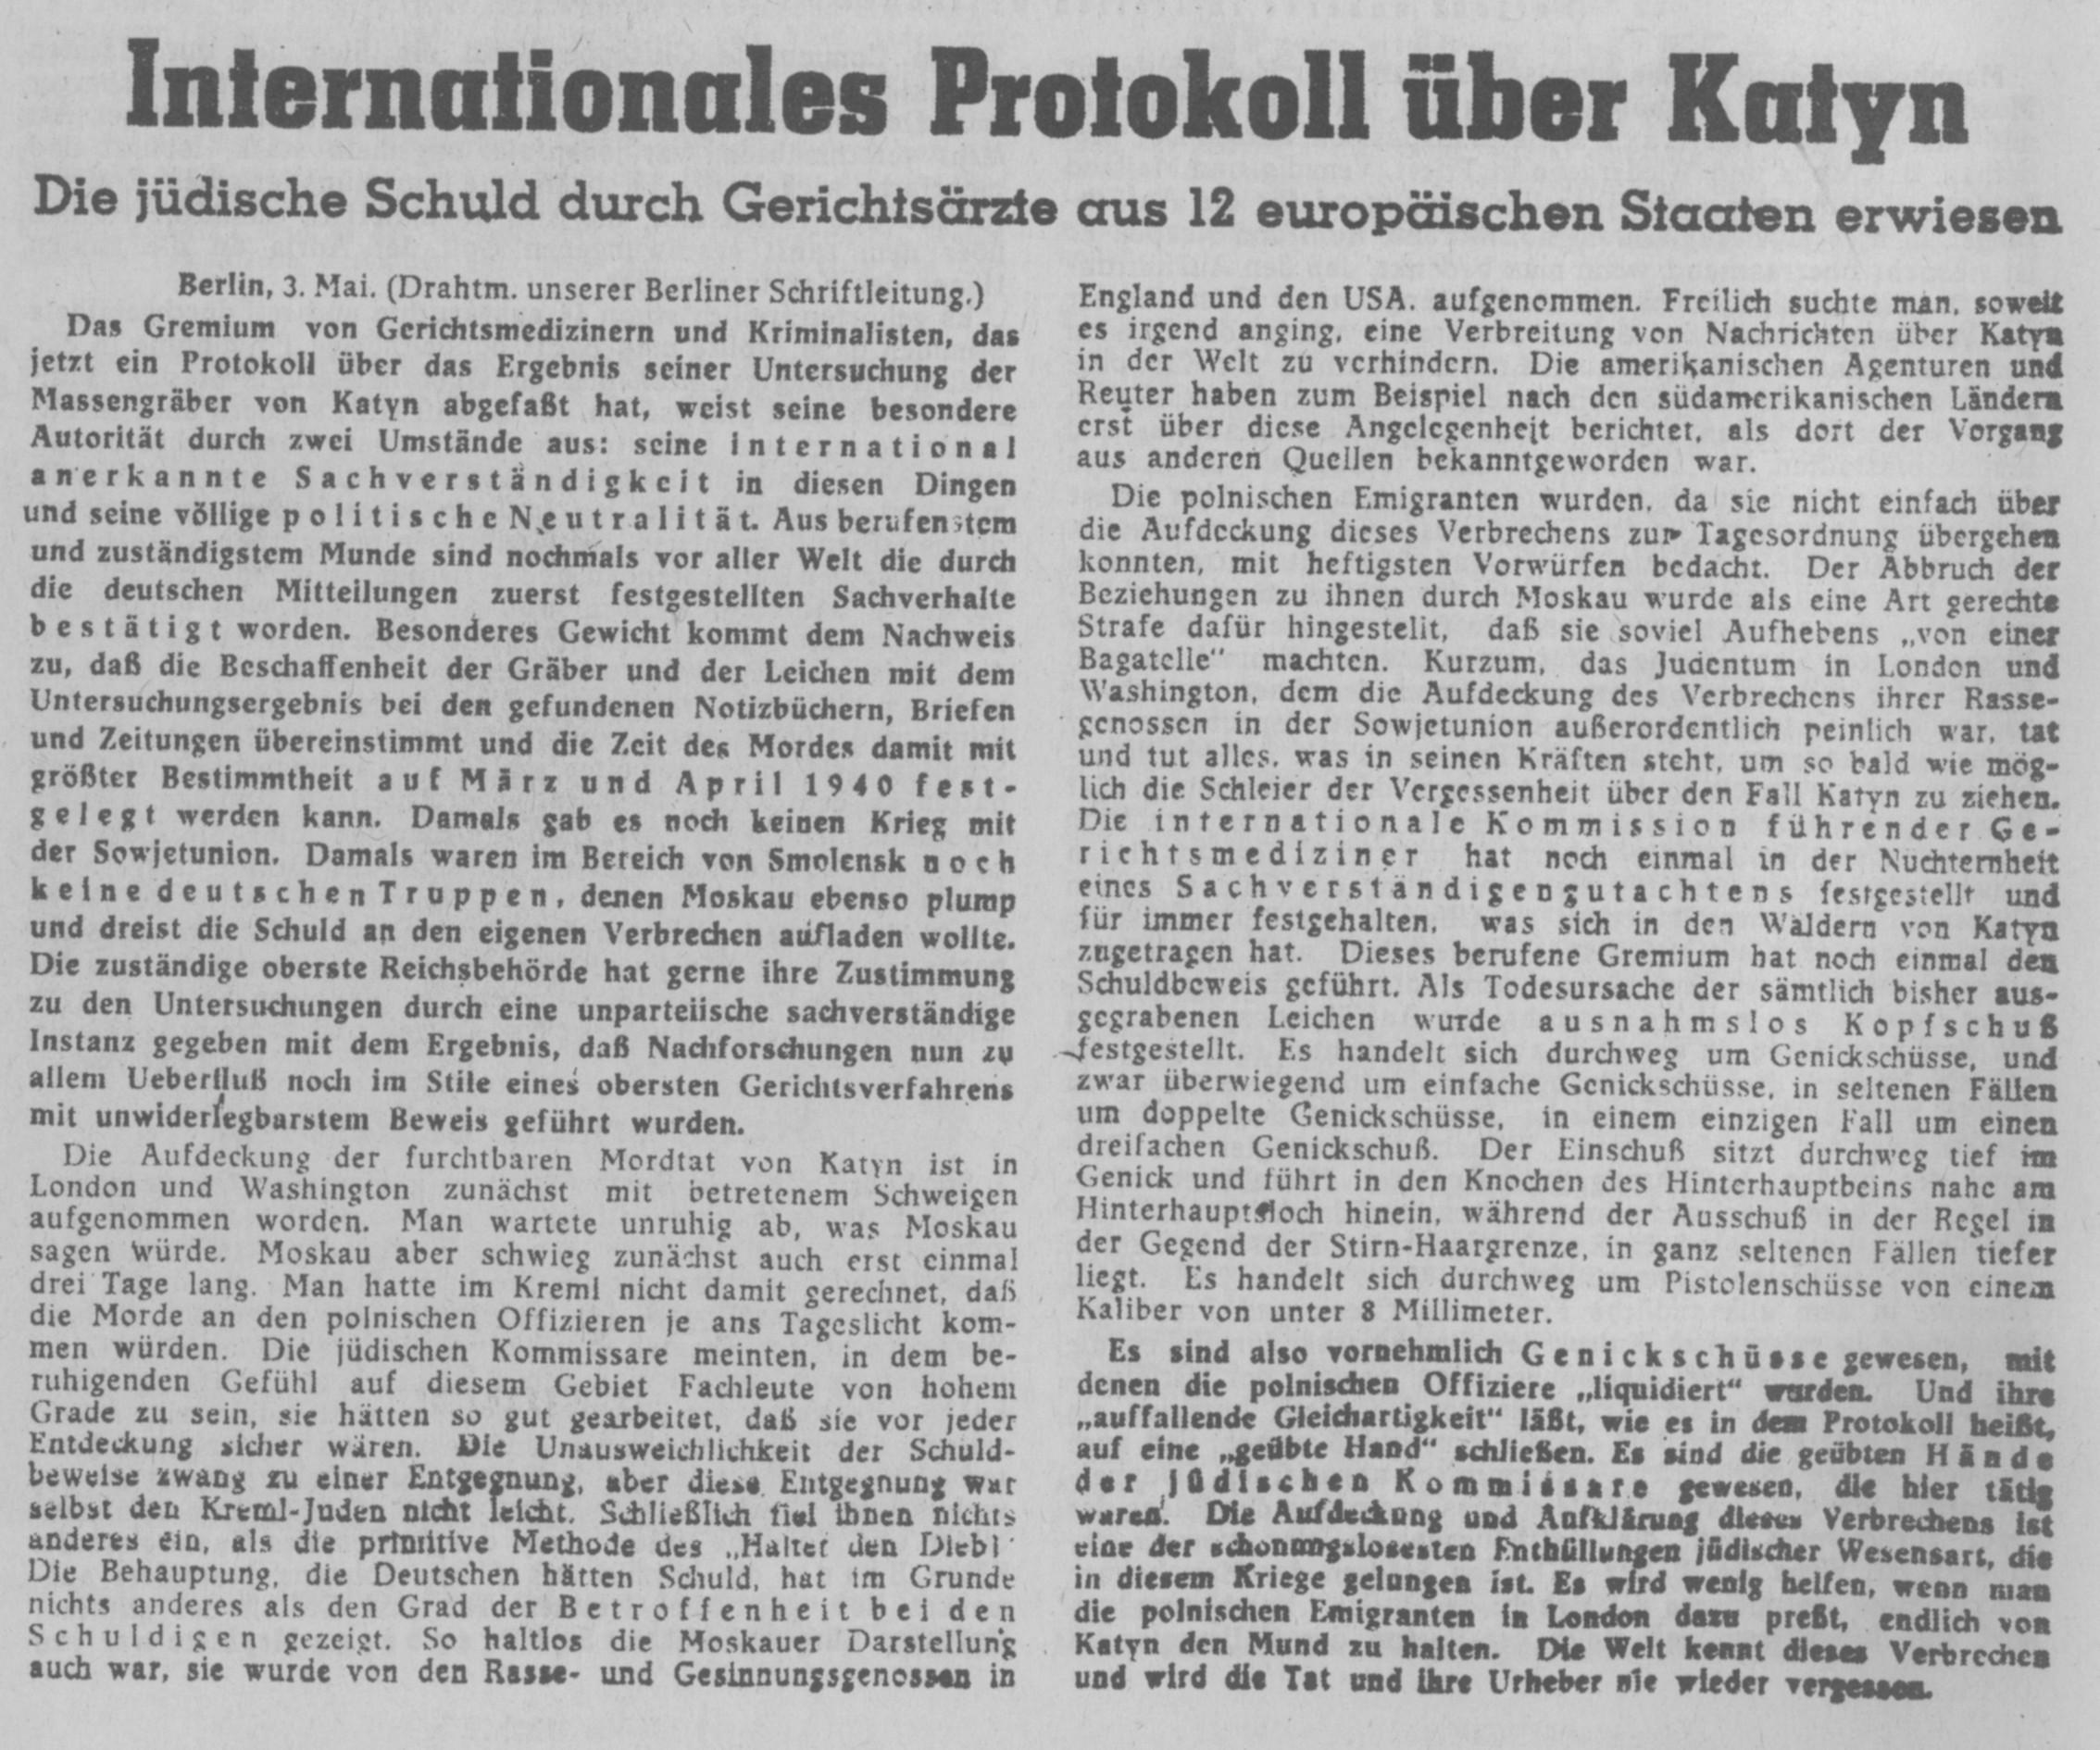 https://i1.wp.com/de.metapedia.org/m/images/7/74/Saarbr%C3%BCcker_Zeitung_vom_4._Mai_1943%2C_S._1_-_Katyn.jpg